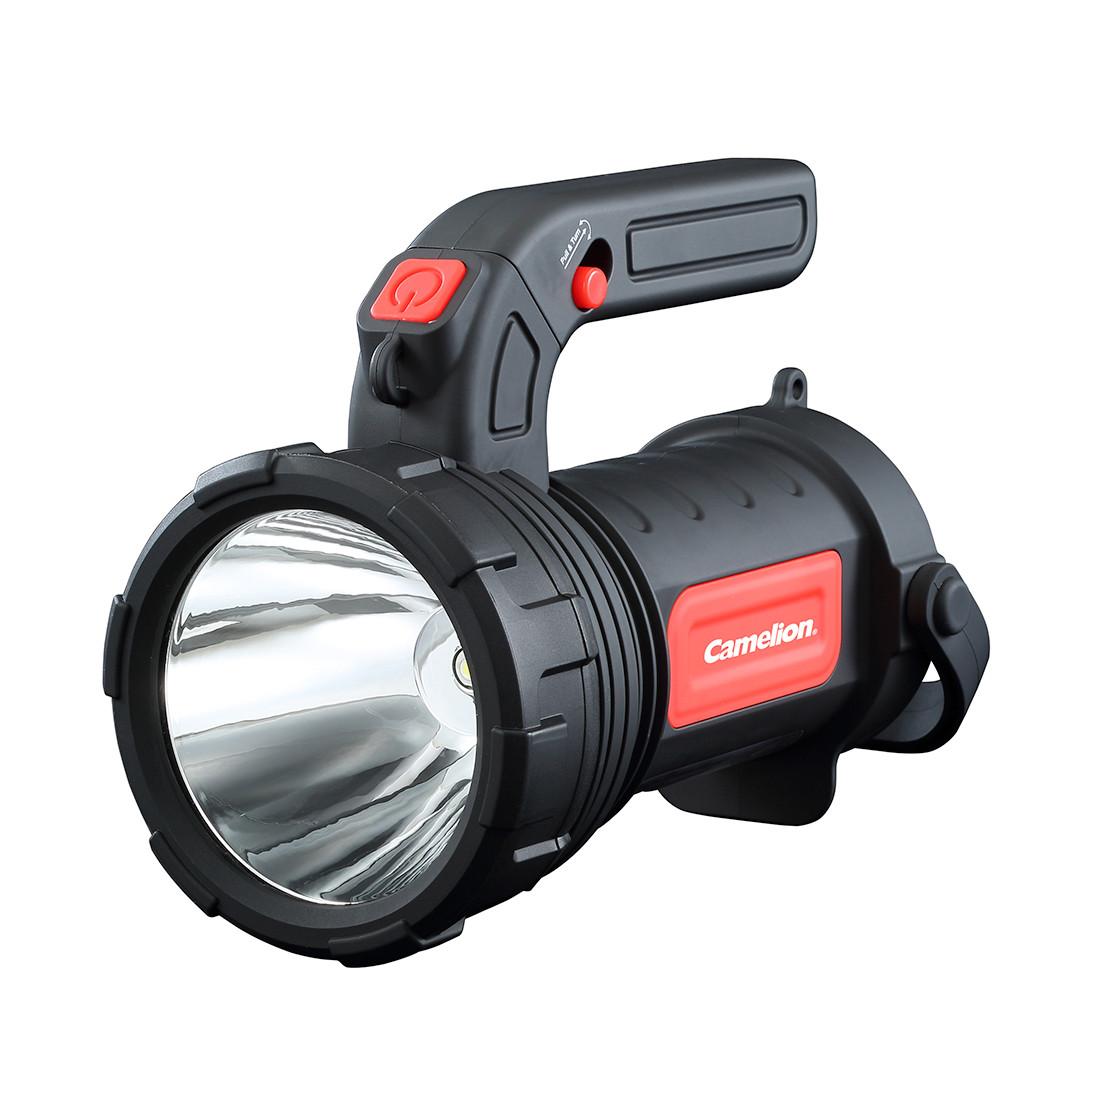 Прожекторный + кемпинг фонарь светодиодный Camelion S32-3R6PCB (230 lm, Black)